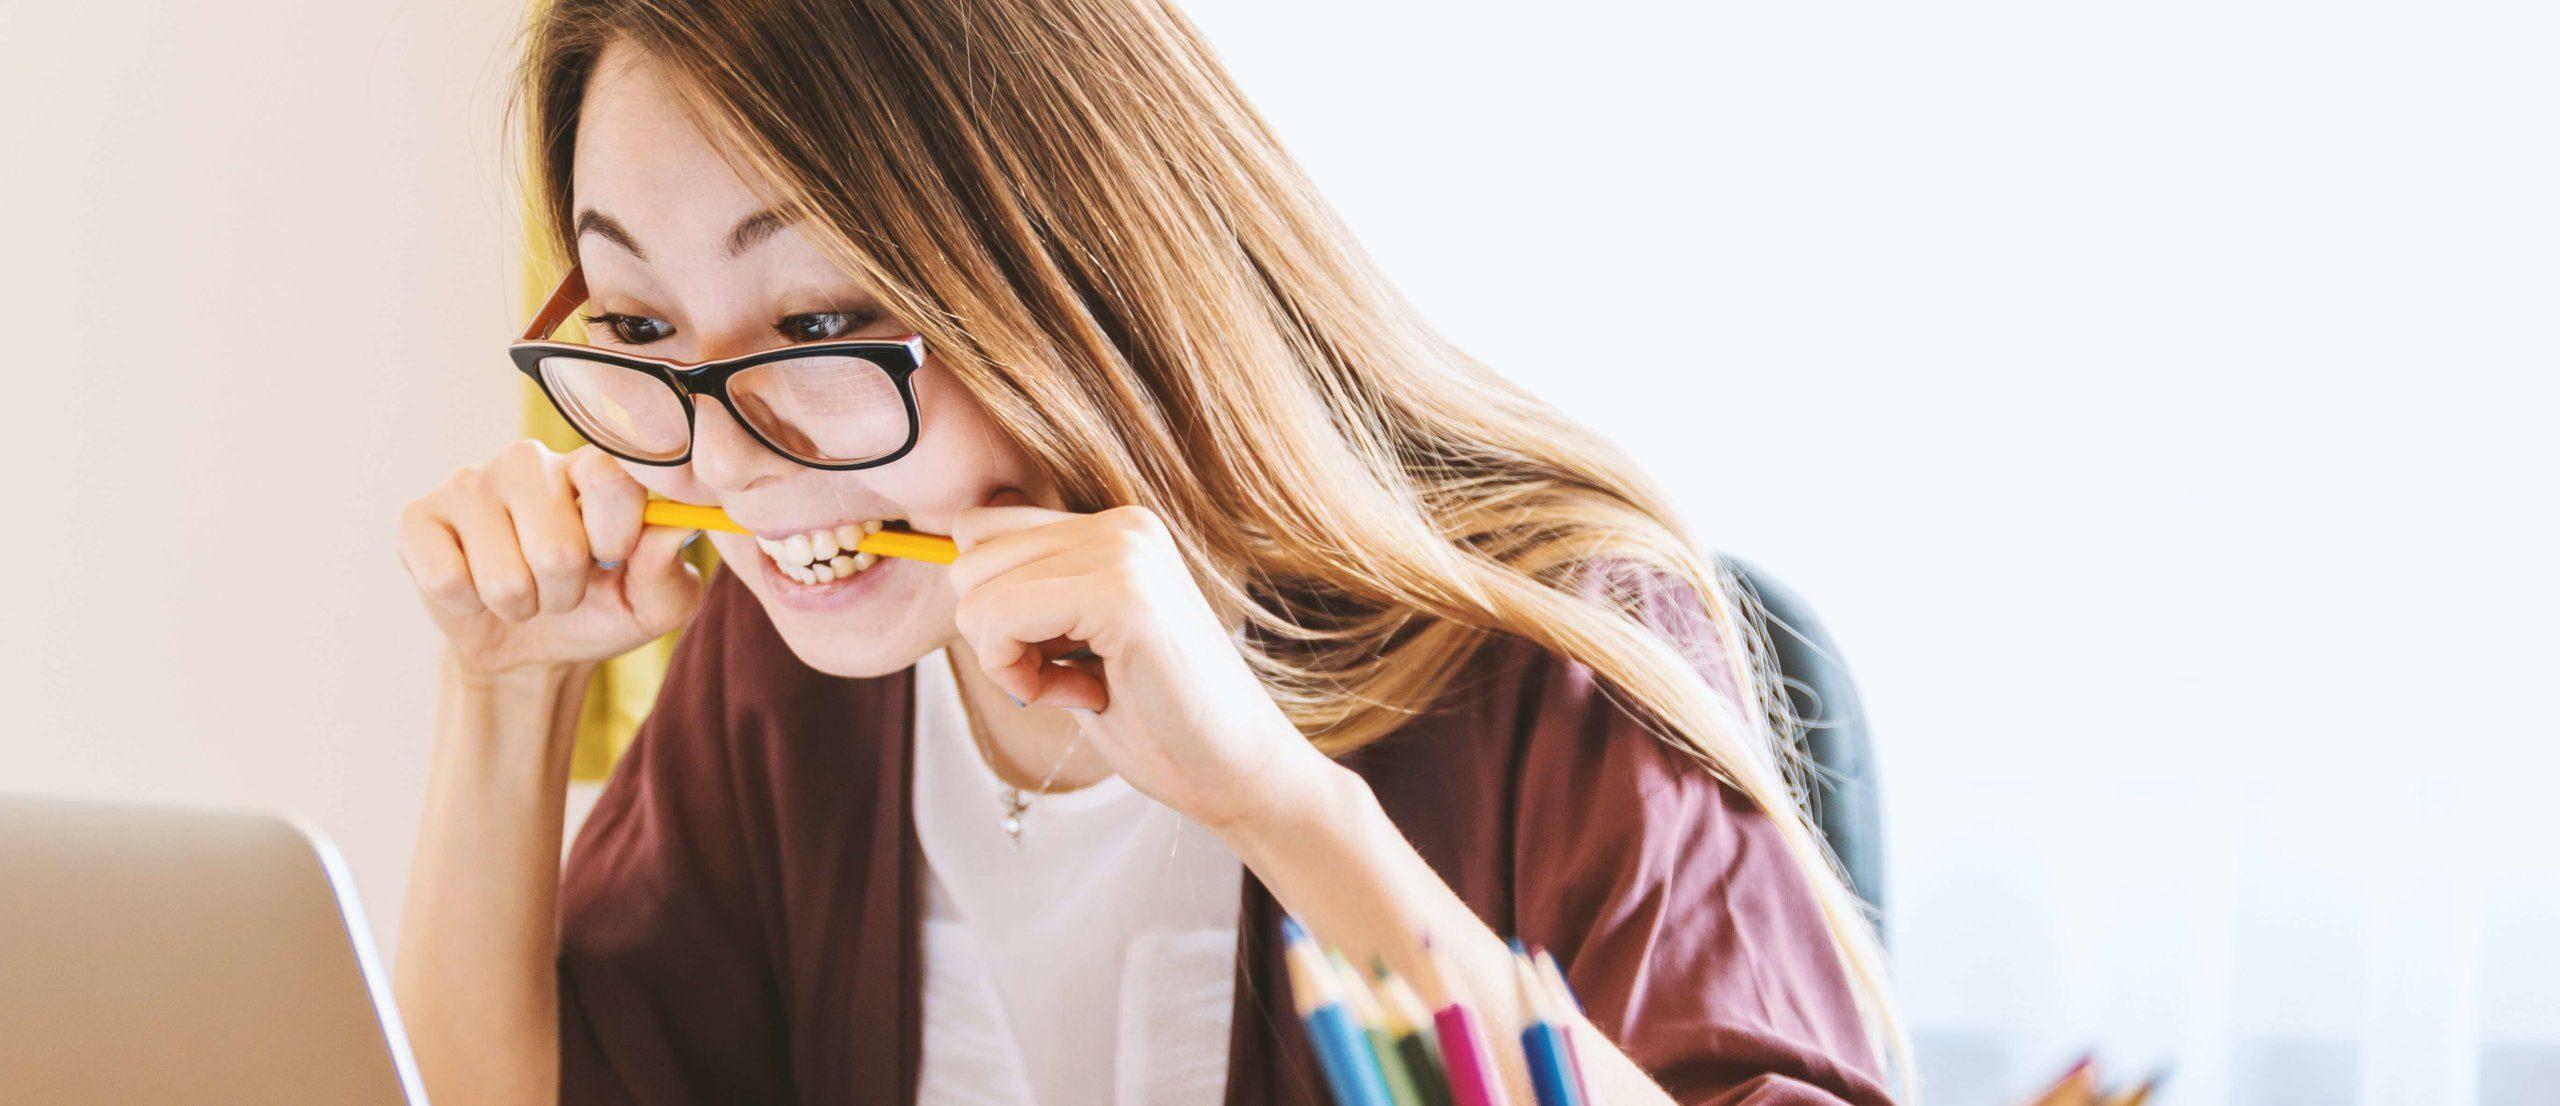 Waarom je werk moet doen waar je blij van wordt